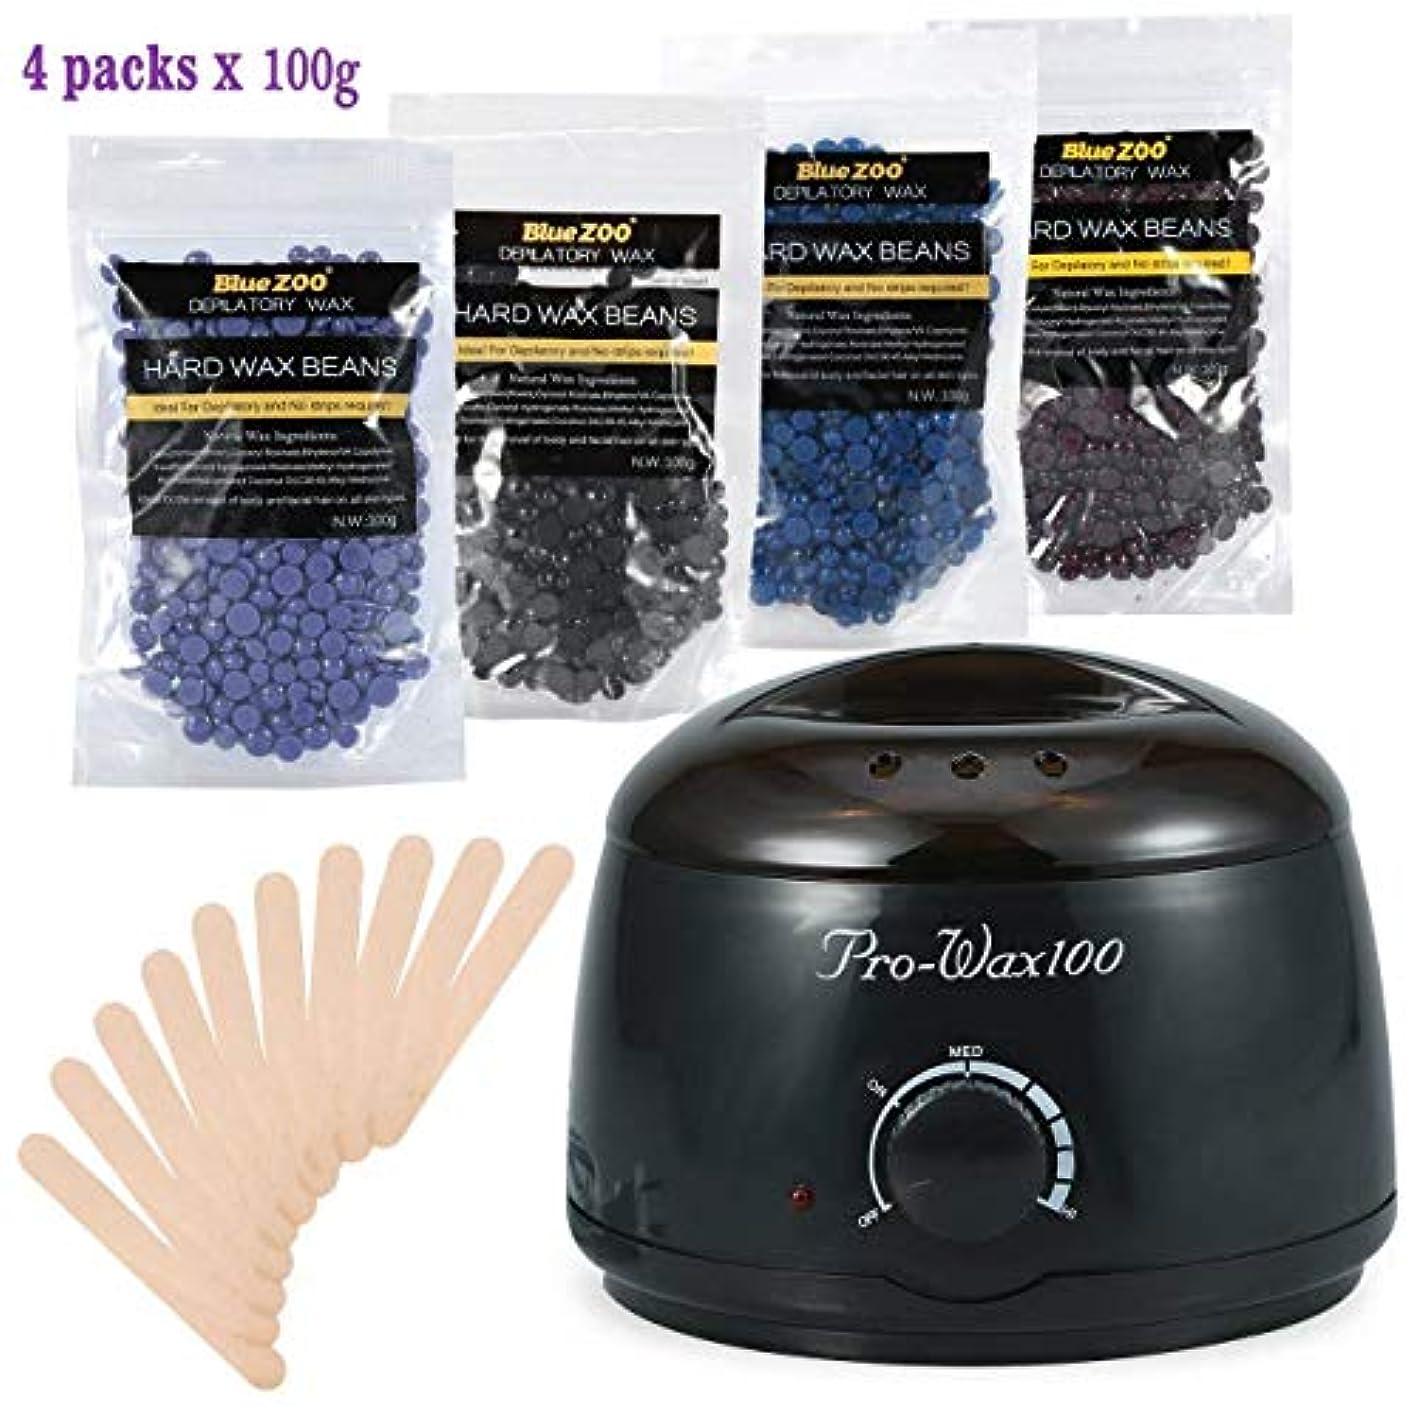 ミス尾換気ボディービキニ脱毛?ワックスセット、500ml電気ワックスヒーター(ブラック)4種類のハードワックス豆と木製シャベル10種類、ワックス豆100g (1)